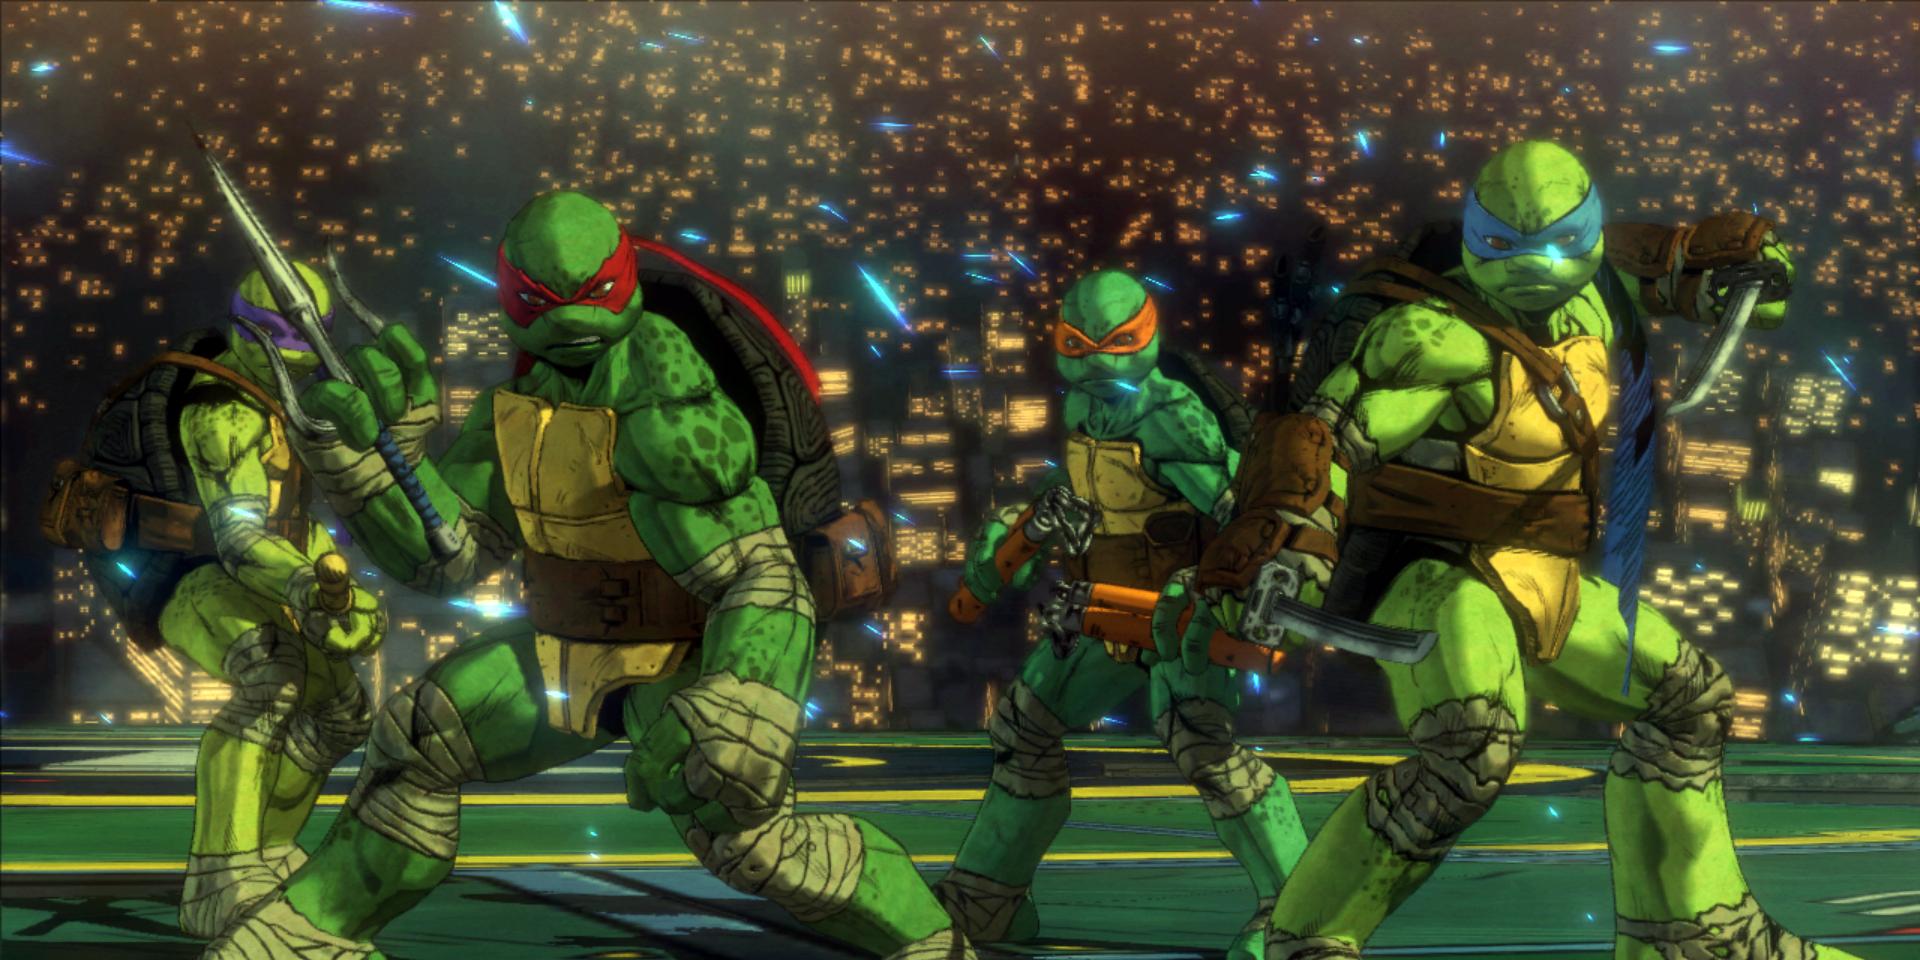 TMNT: Turtles in Manhattan